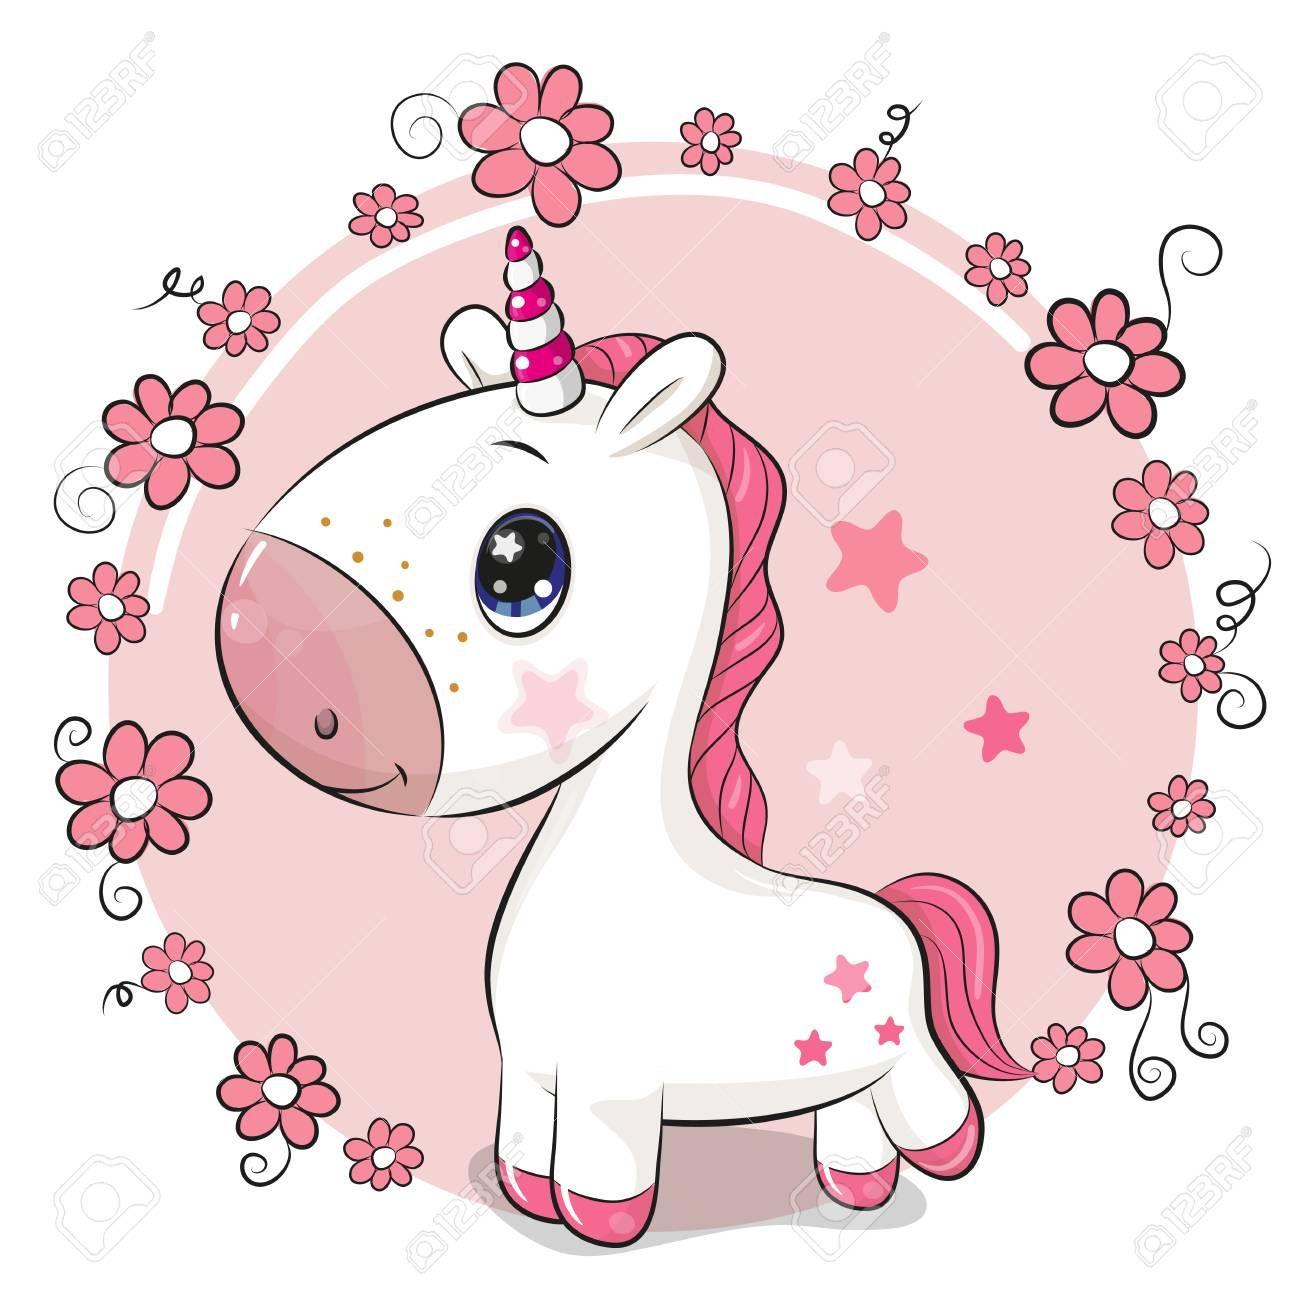 Cute Cartoon Unicorn On A Flowers Background Ad Cartoon Cute Unicorn Background Flowers Niedliche Zeichnungen Cartoon Bilder Einhorn Kunst